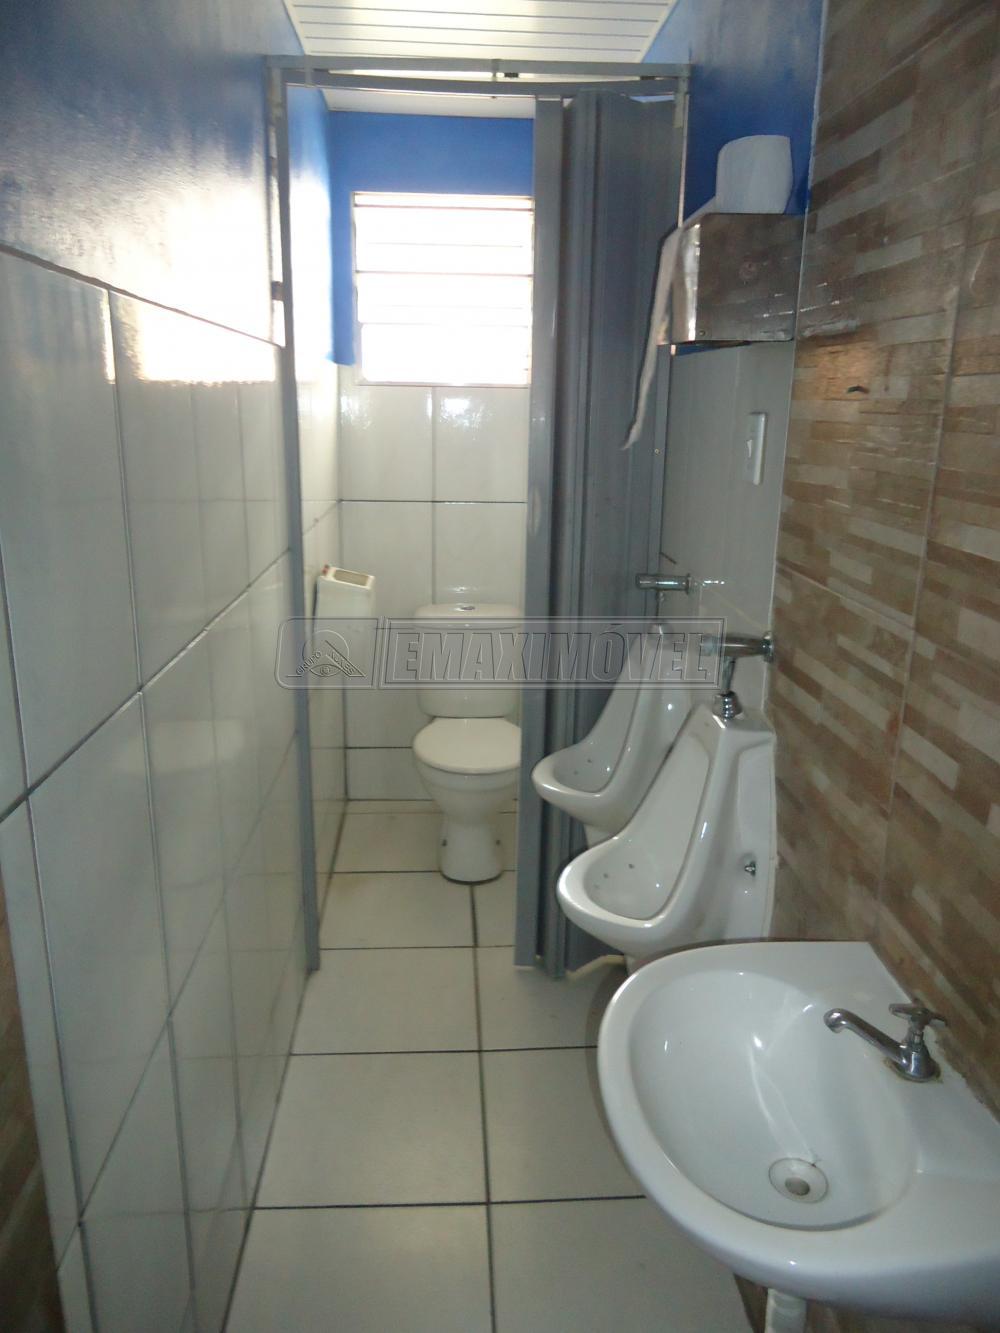 Alugar Comercial / Salões em Sorocaba apenas R$ 2.700,00 - Foto 8